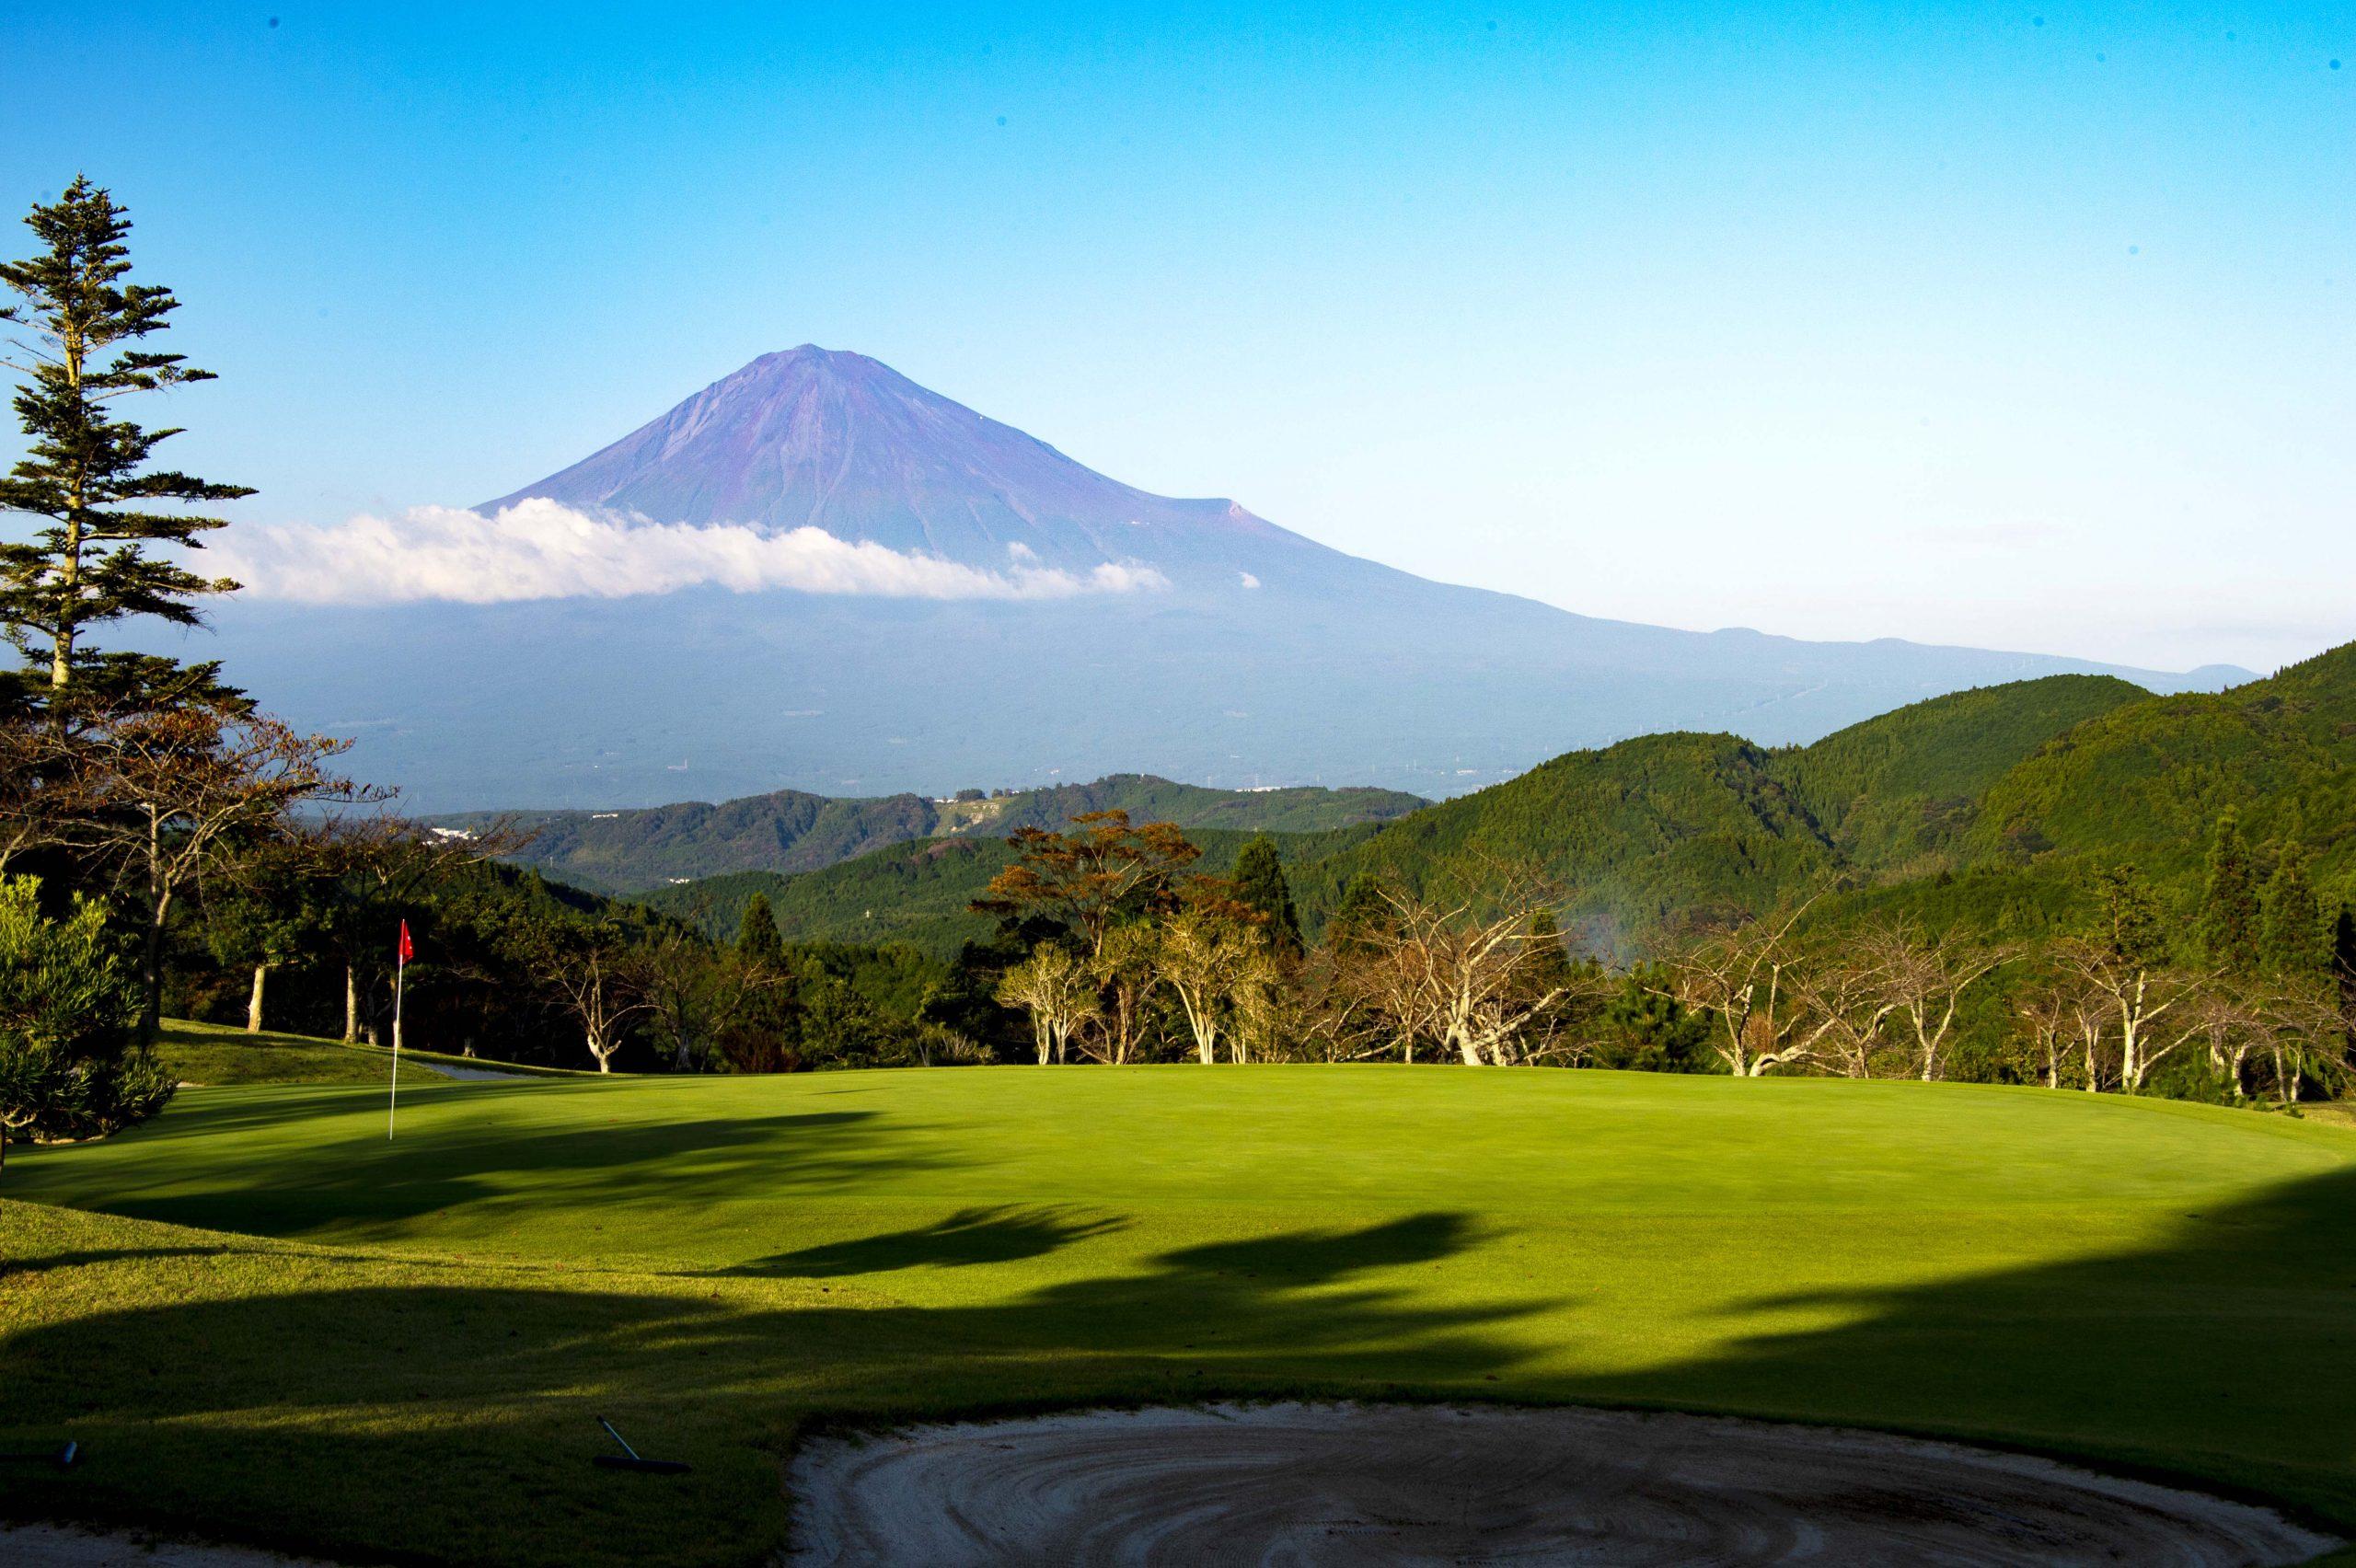 """""""富士山が 見えたしいいや 今日はもう""""第4回「ゴルフ川柳」優秀作品を発表<前編>"""